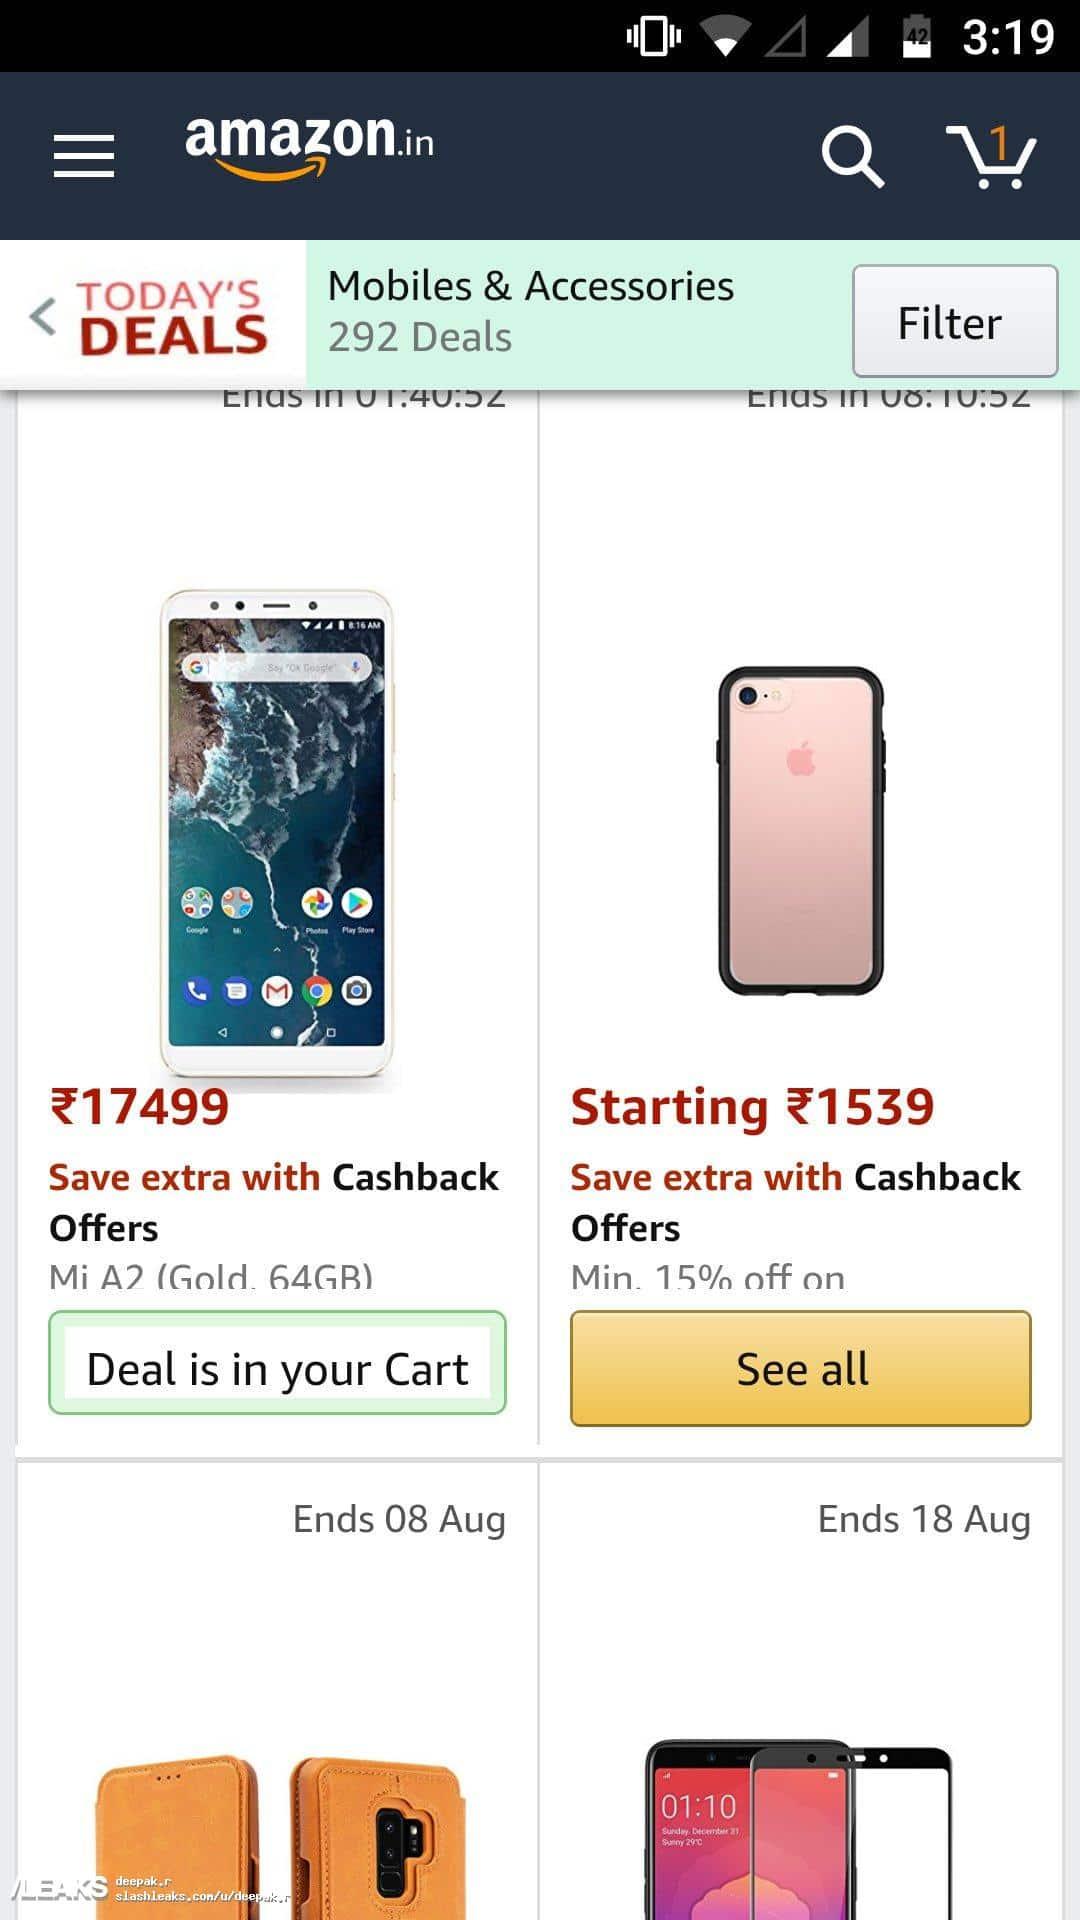 Xiaomi Mi A2 Price Reveal On Amazon India 4